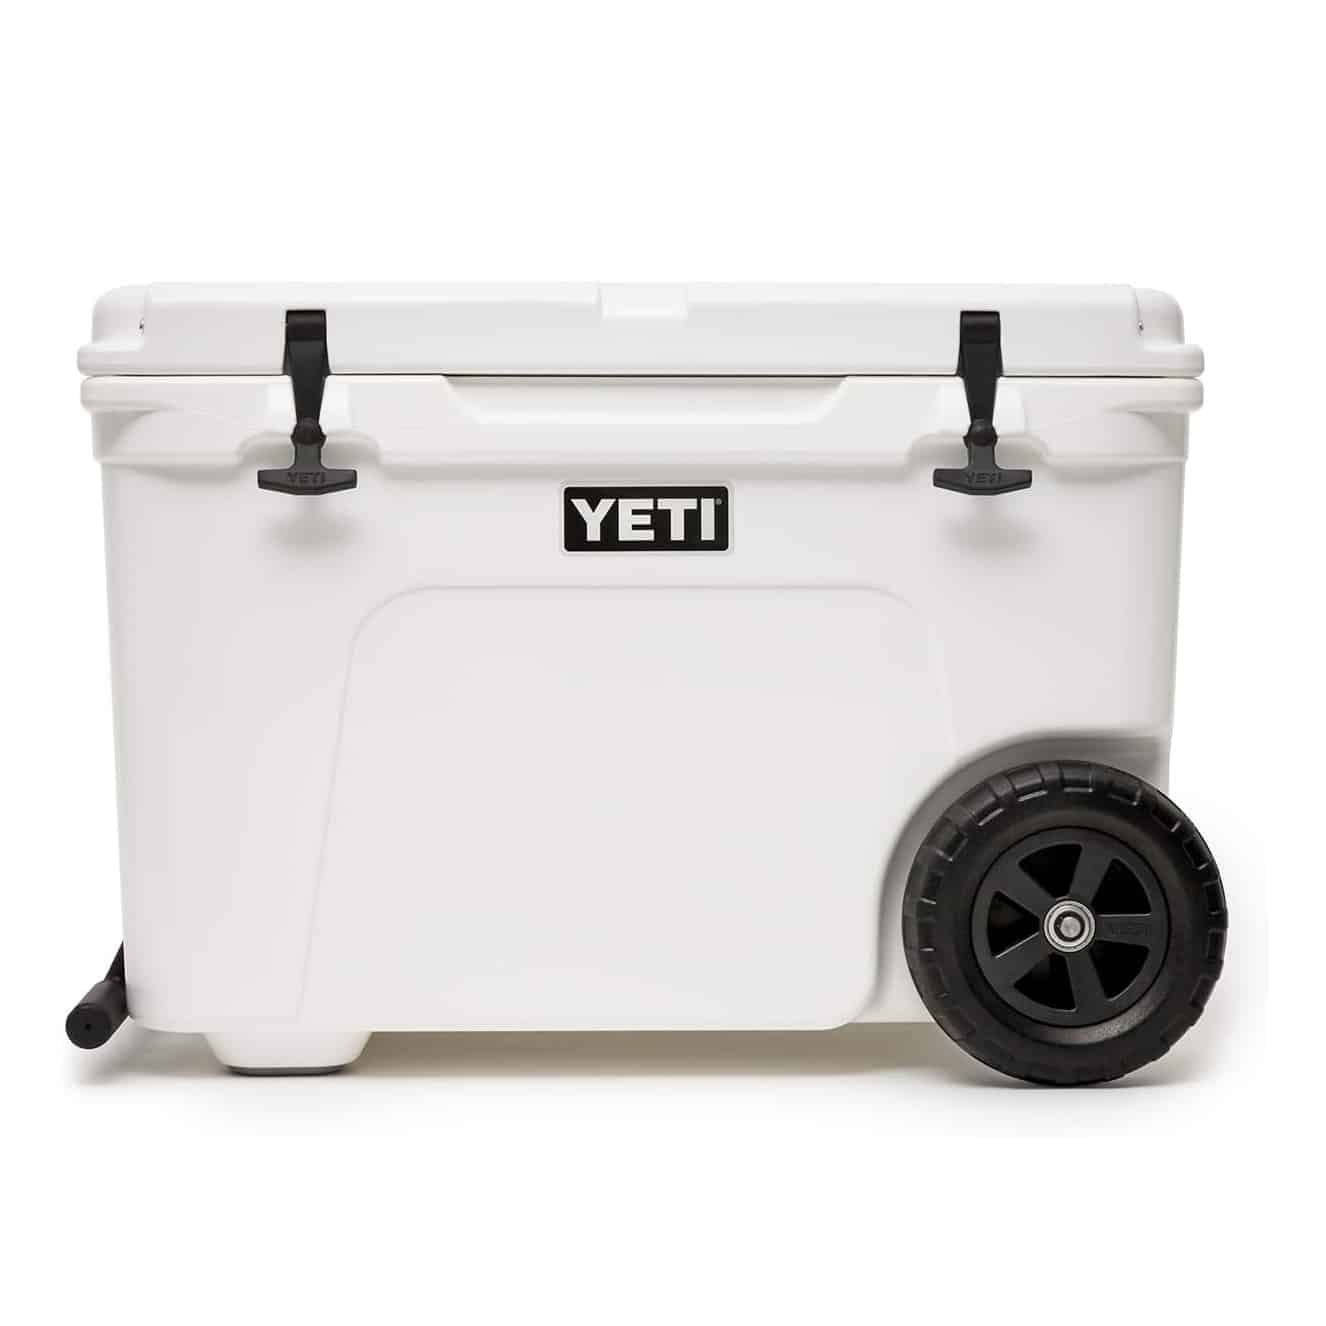 YETI Wheeled Cooler Tundra Haul